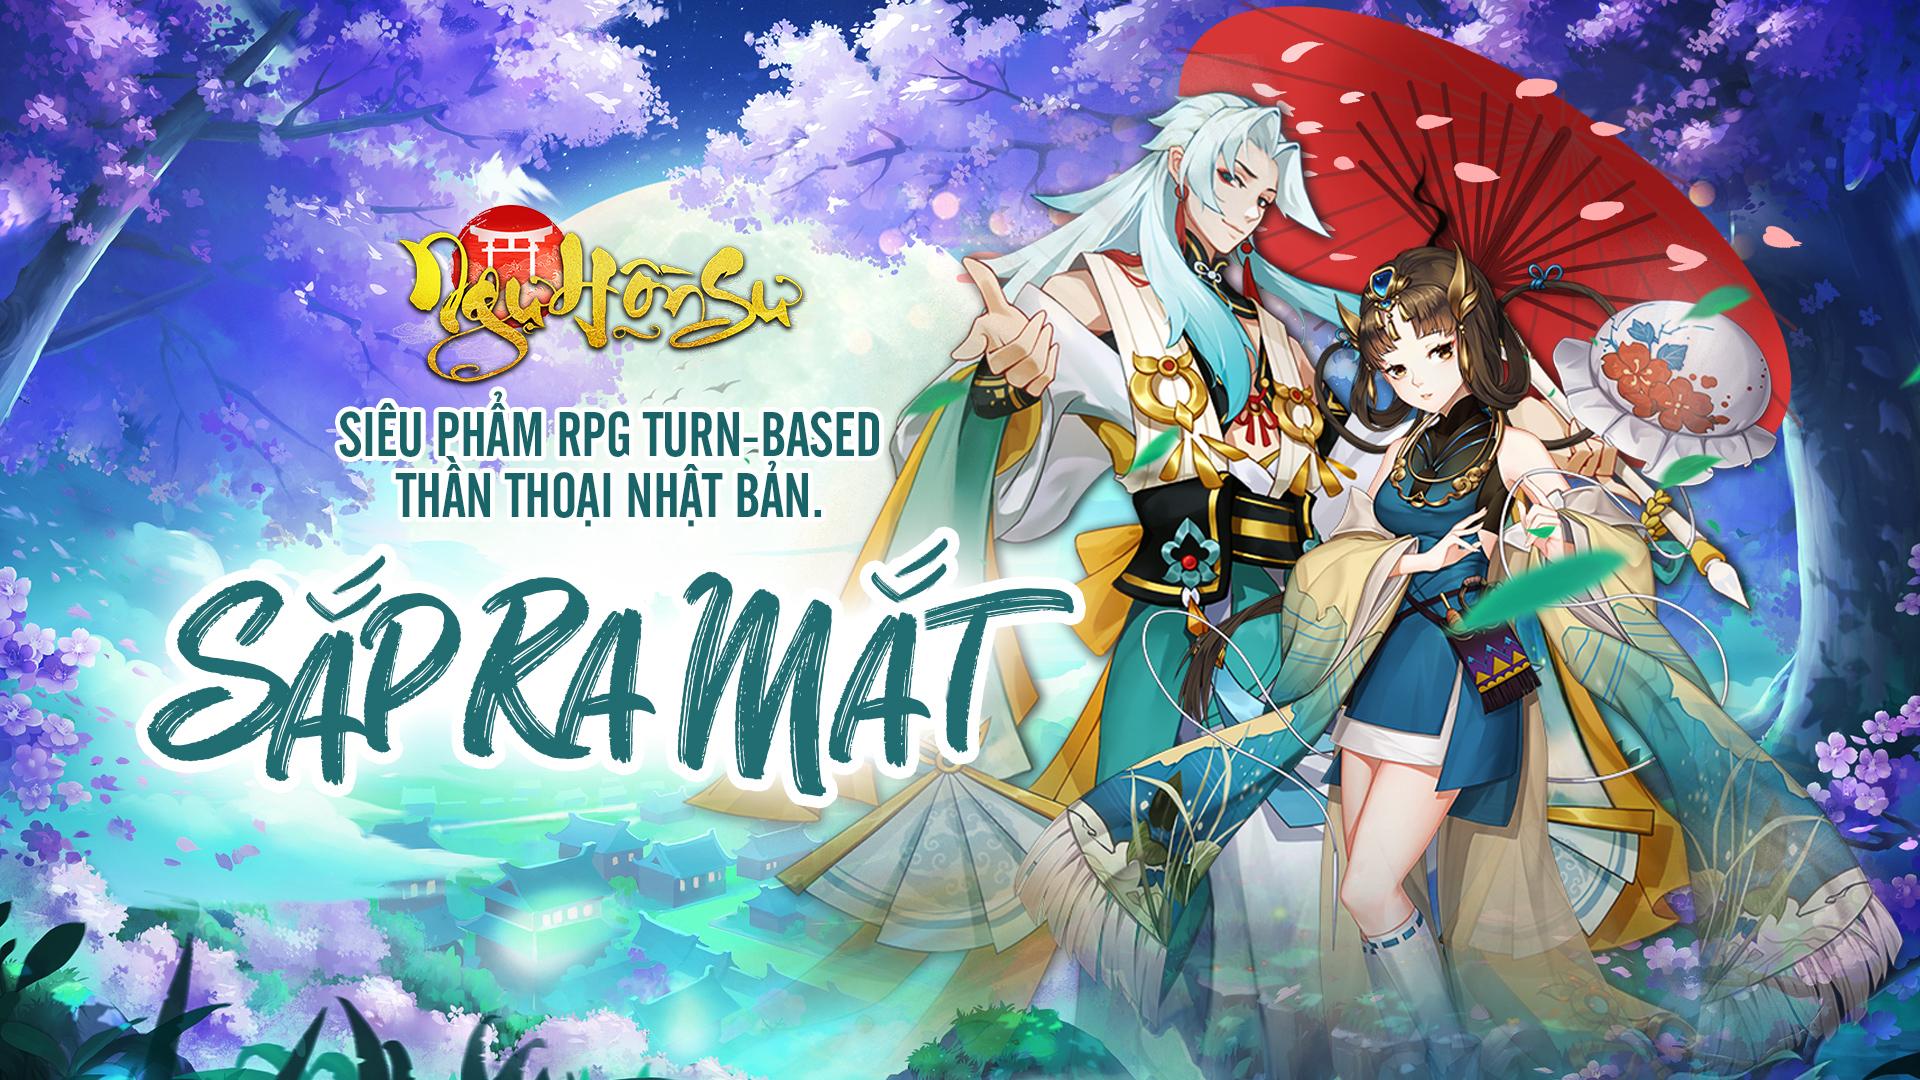 Ngự Hồn Sư - Bom tấn sở hữu phong cách chuẩn manga thần thoại Nhật Bản  hé lộ hàng loạt ảnh Việt Hóa siêu HOT